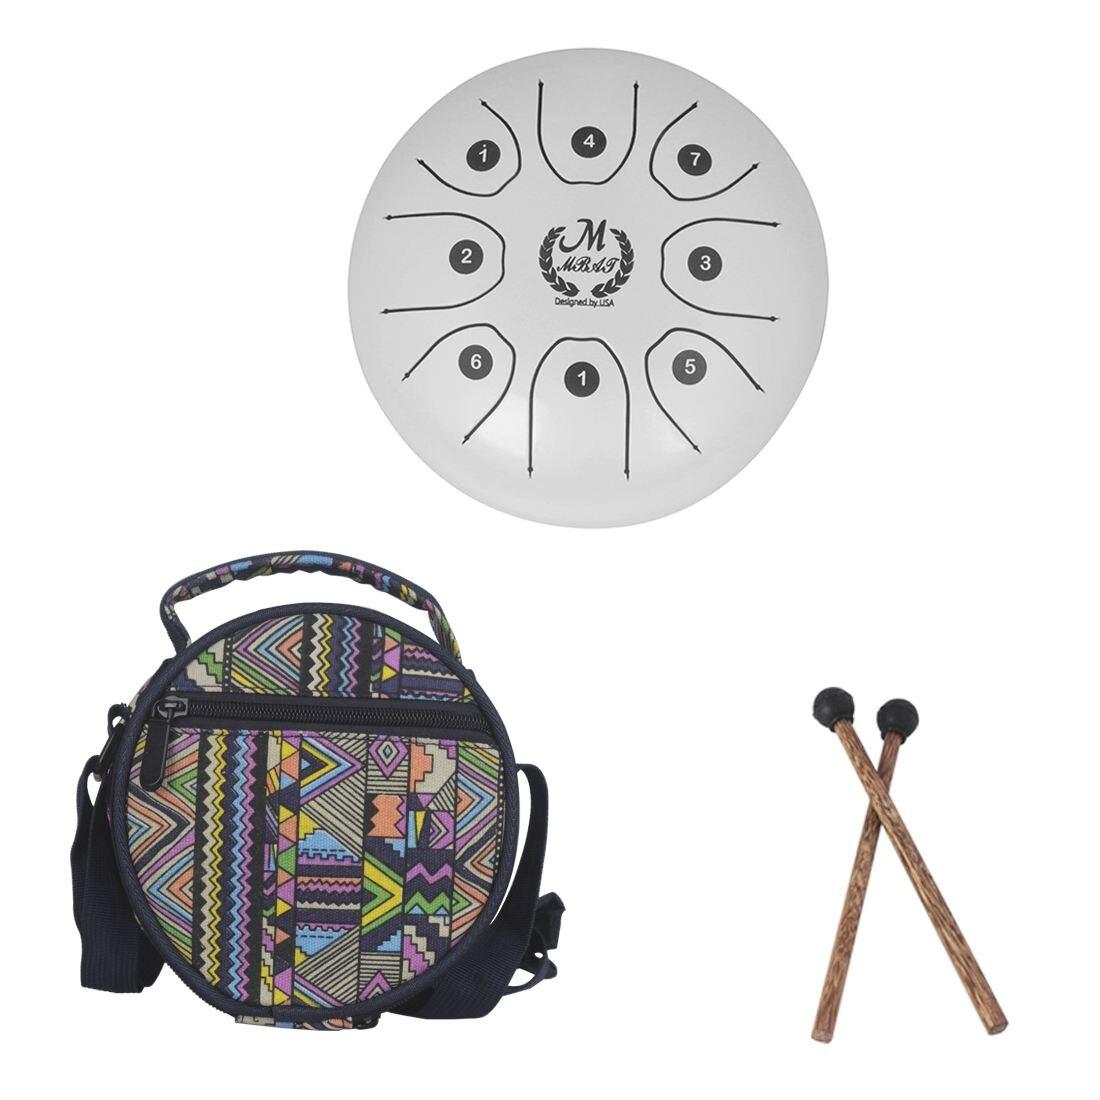 HOT-MMBAT 5.5 pouces petite taille en acier langue tambour avec C D E F G A B C 8 notes avec étui gratuit et maillets en caoutchouc pour les enfants dans